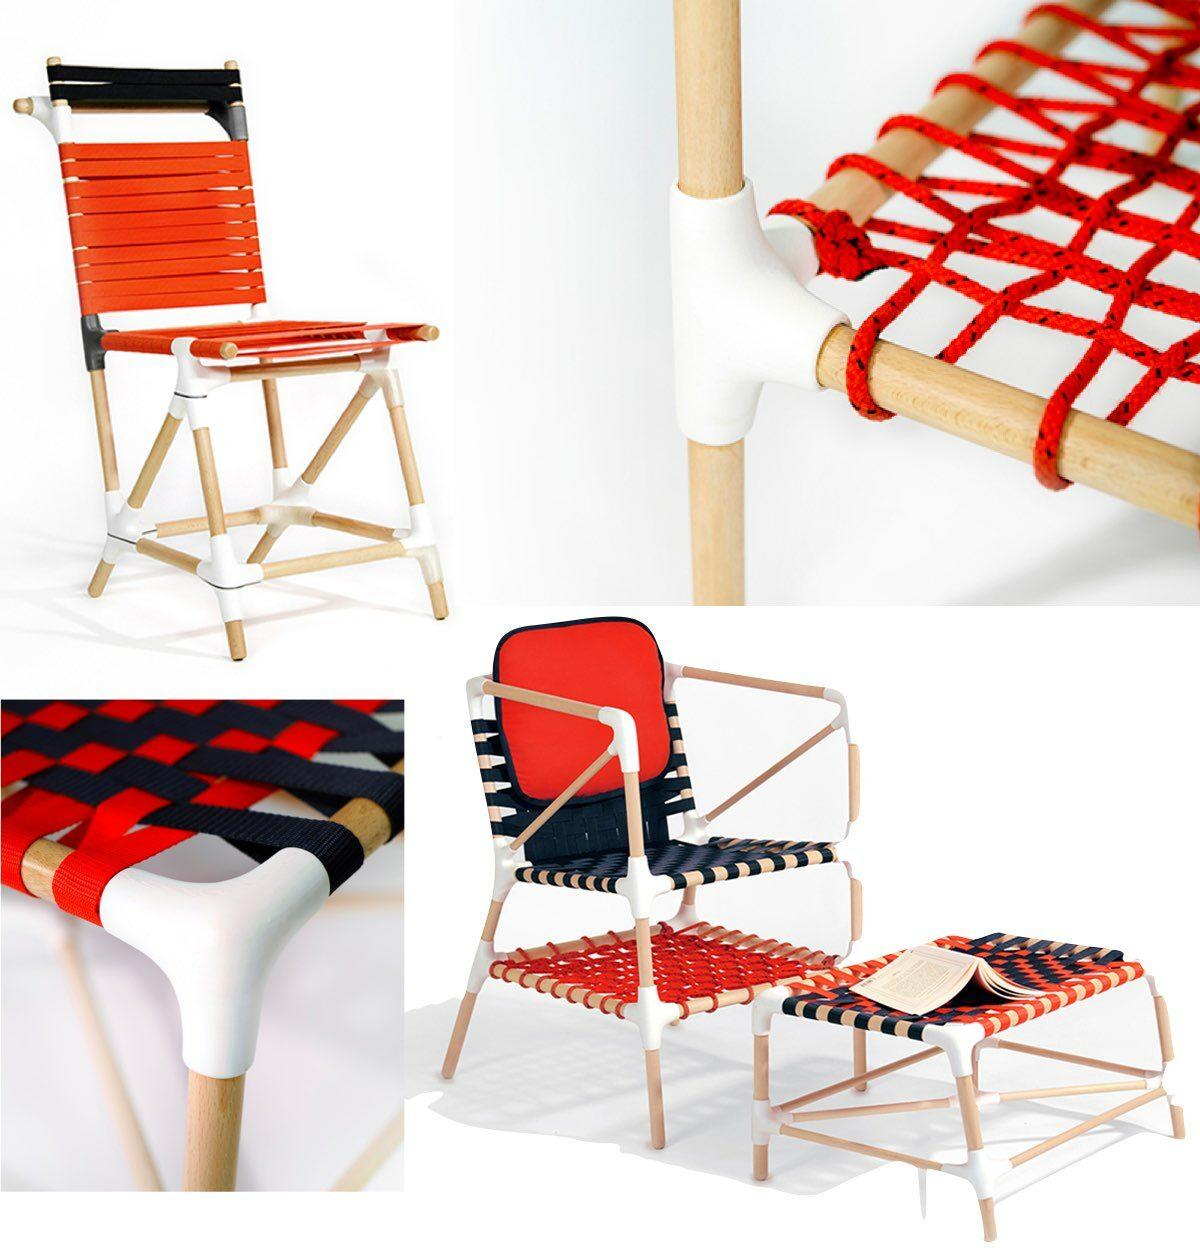 drole oiseau chaise originale diy bois jardin corde tressage à fabriquer soi-même